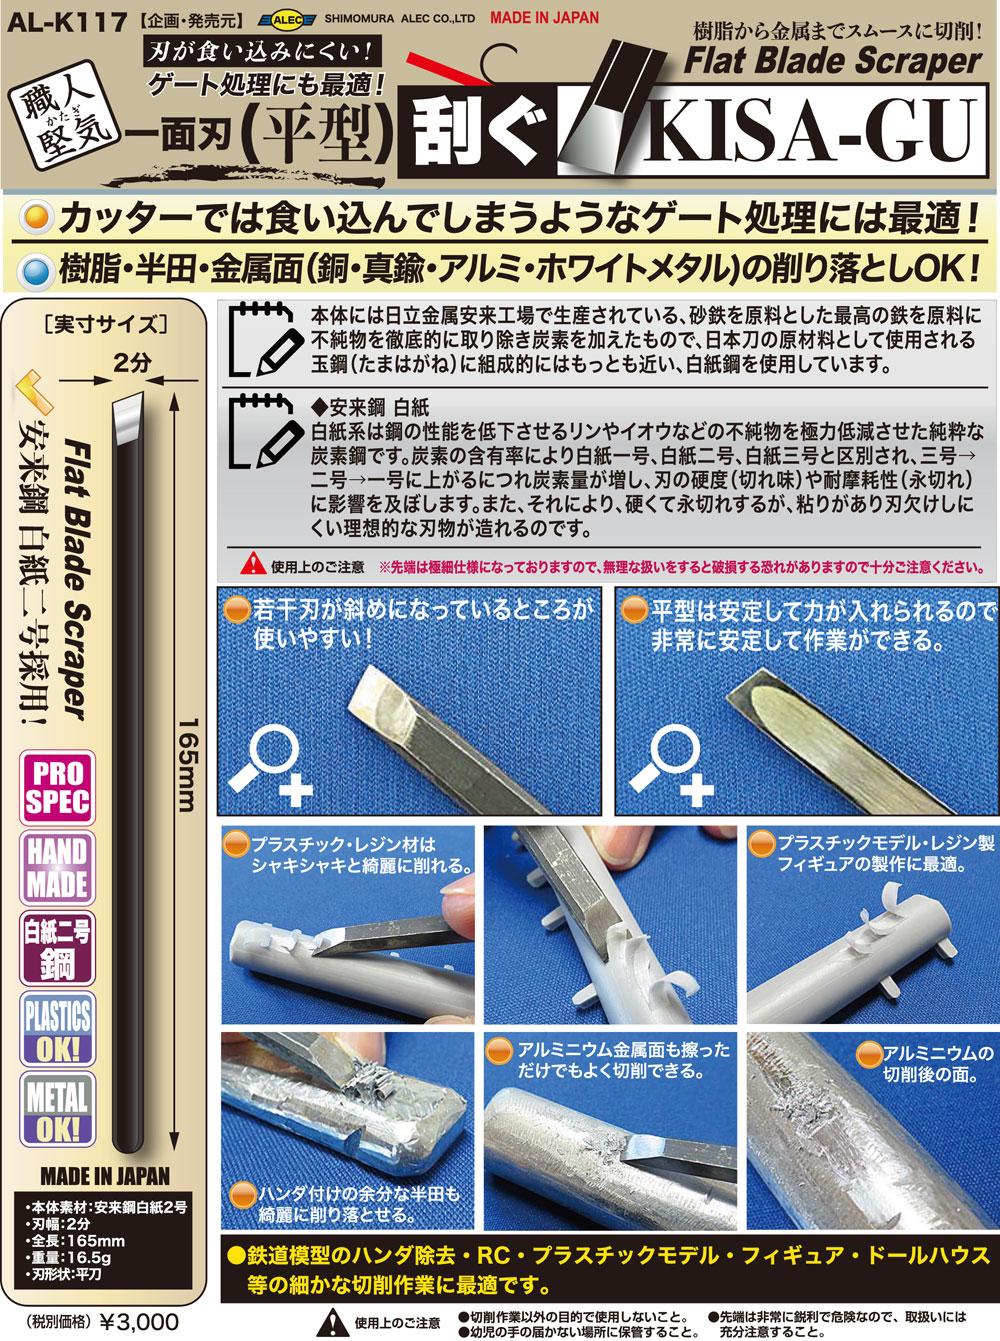 刮ぐ 平型きさげ(シモムラアレック職人堅気No.AL-K117)商品画像_1